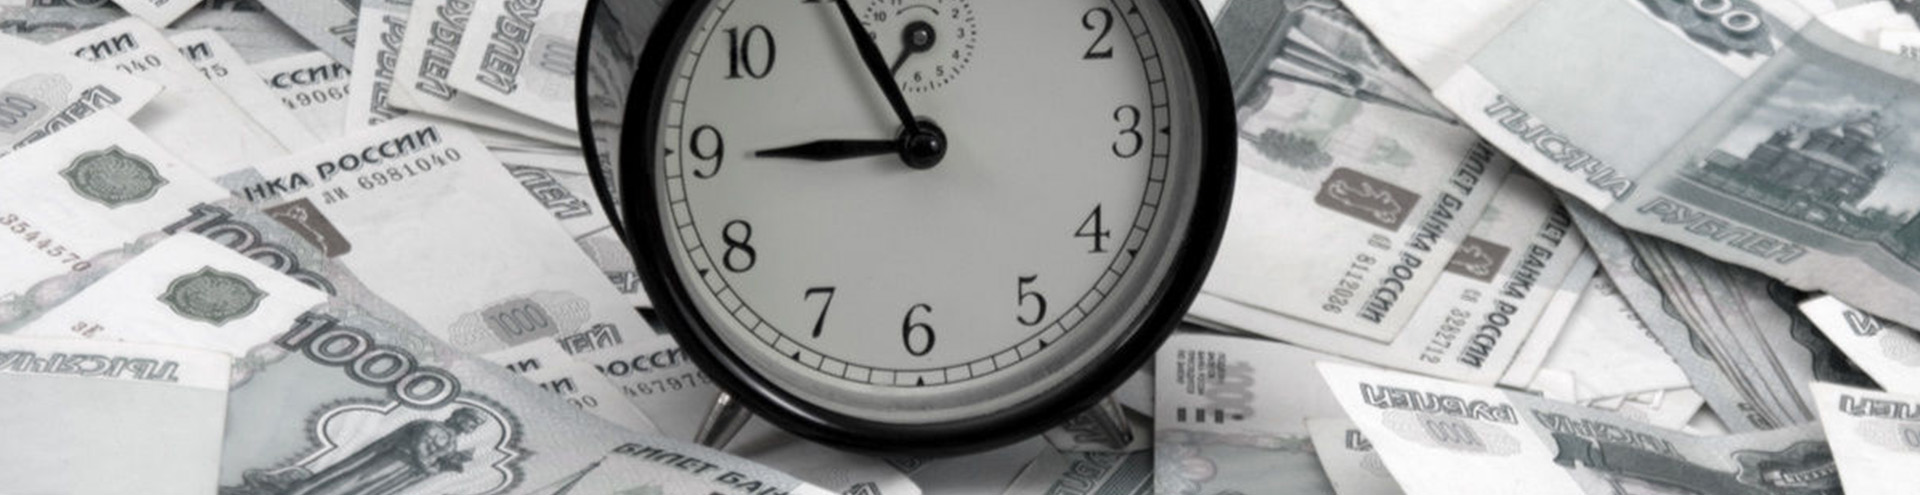 судебное взыскание долгов в Калуге и Калужской области